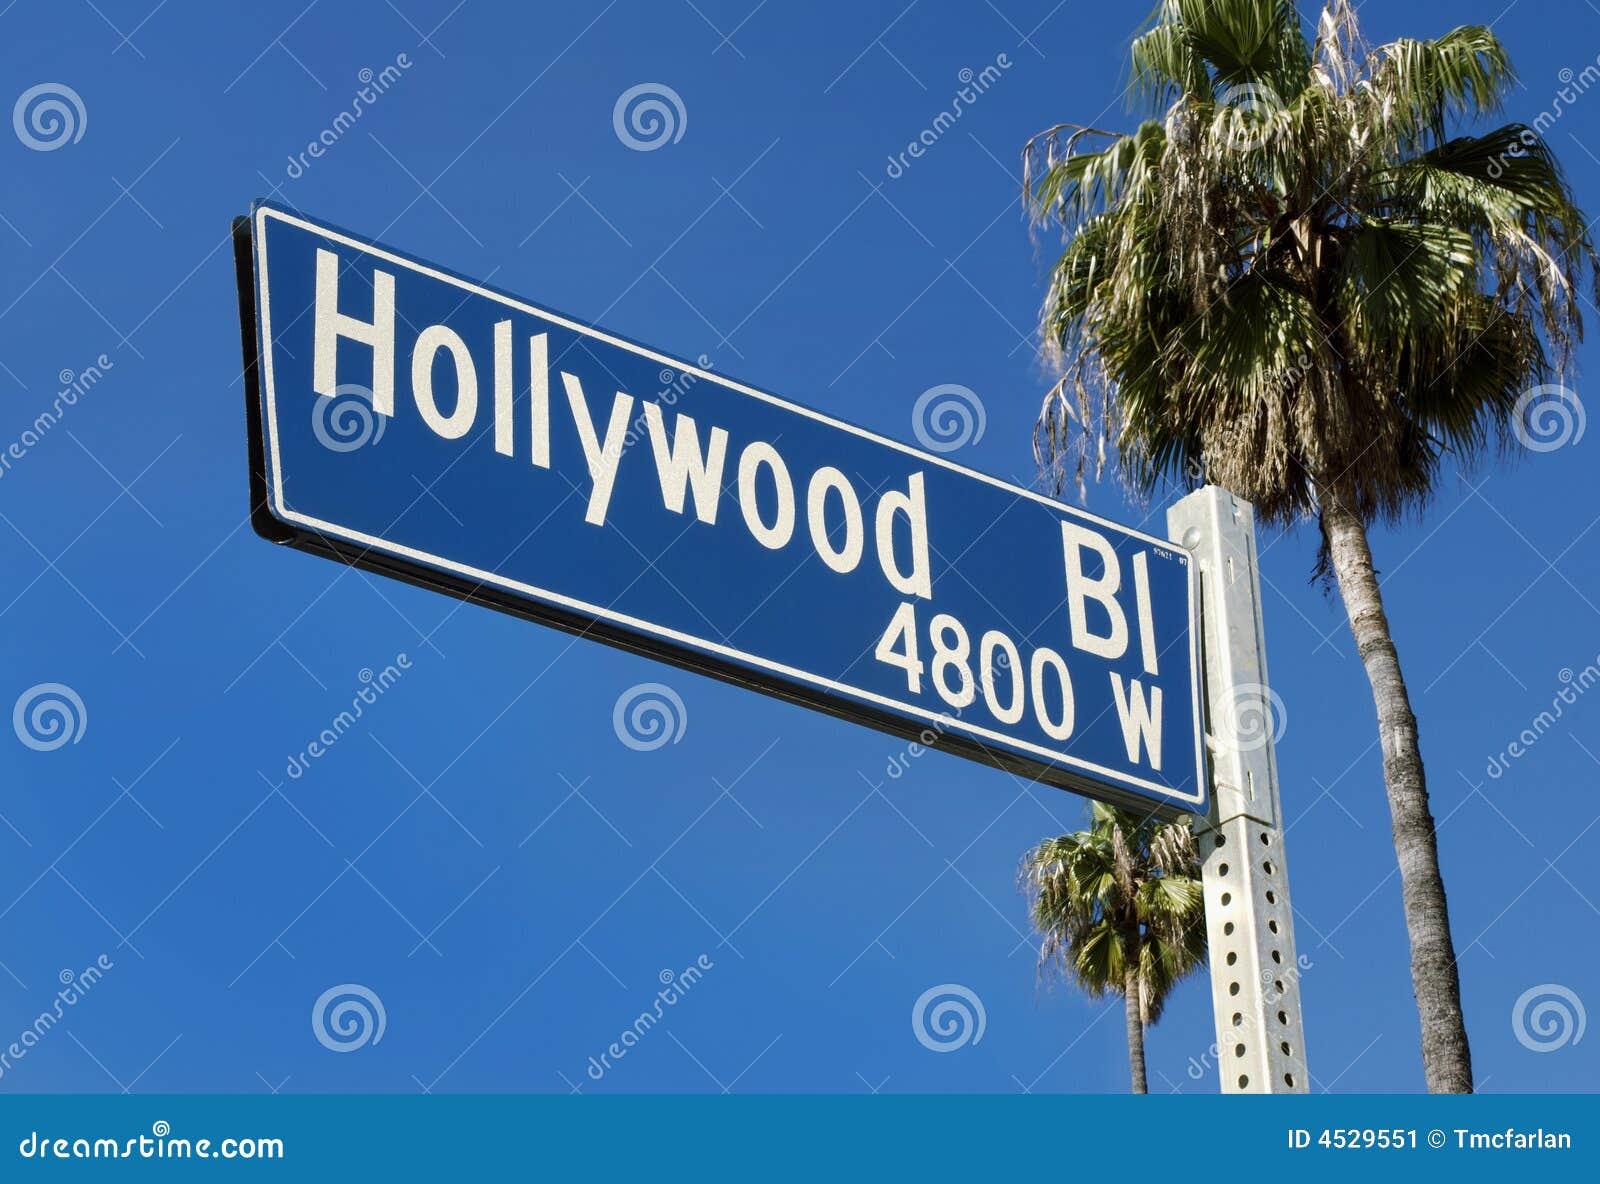 Hollywood Blvd Signs Clip Art